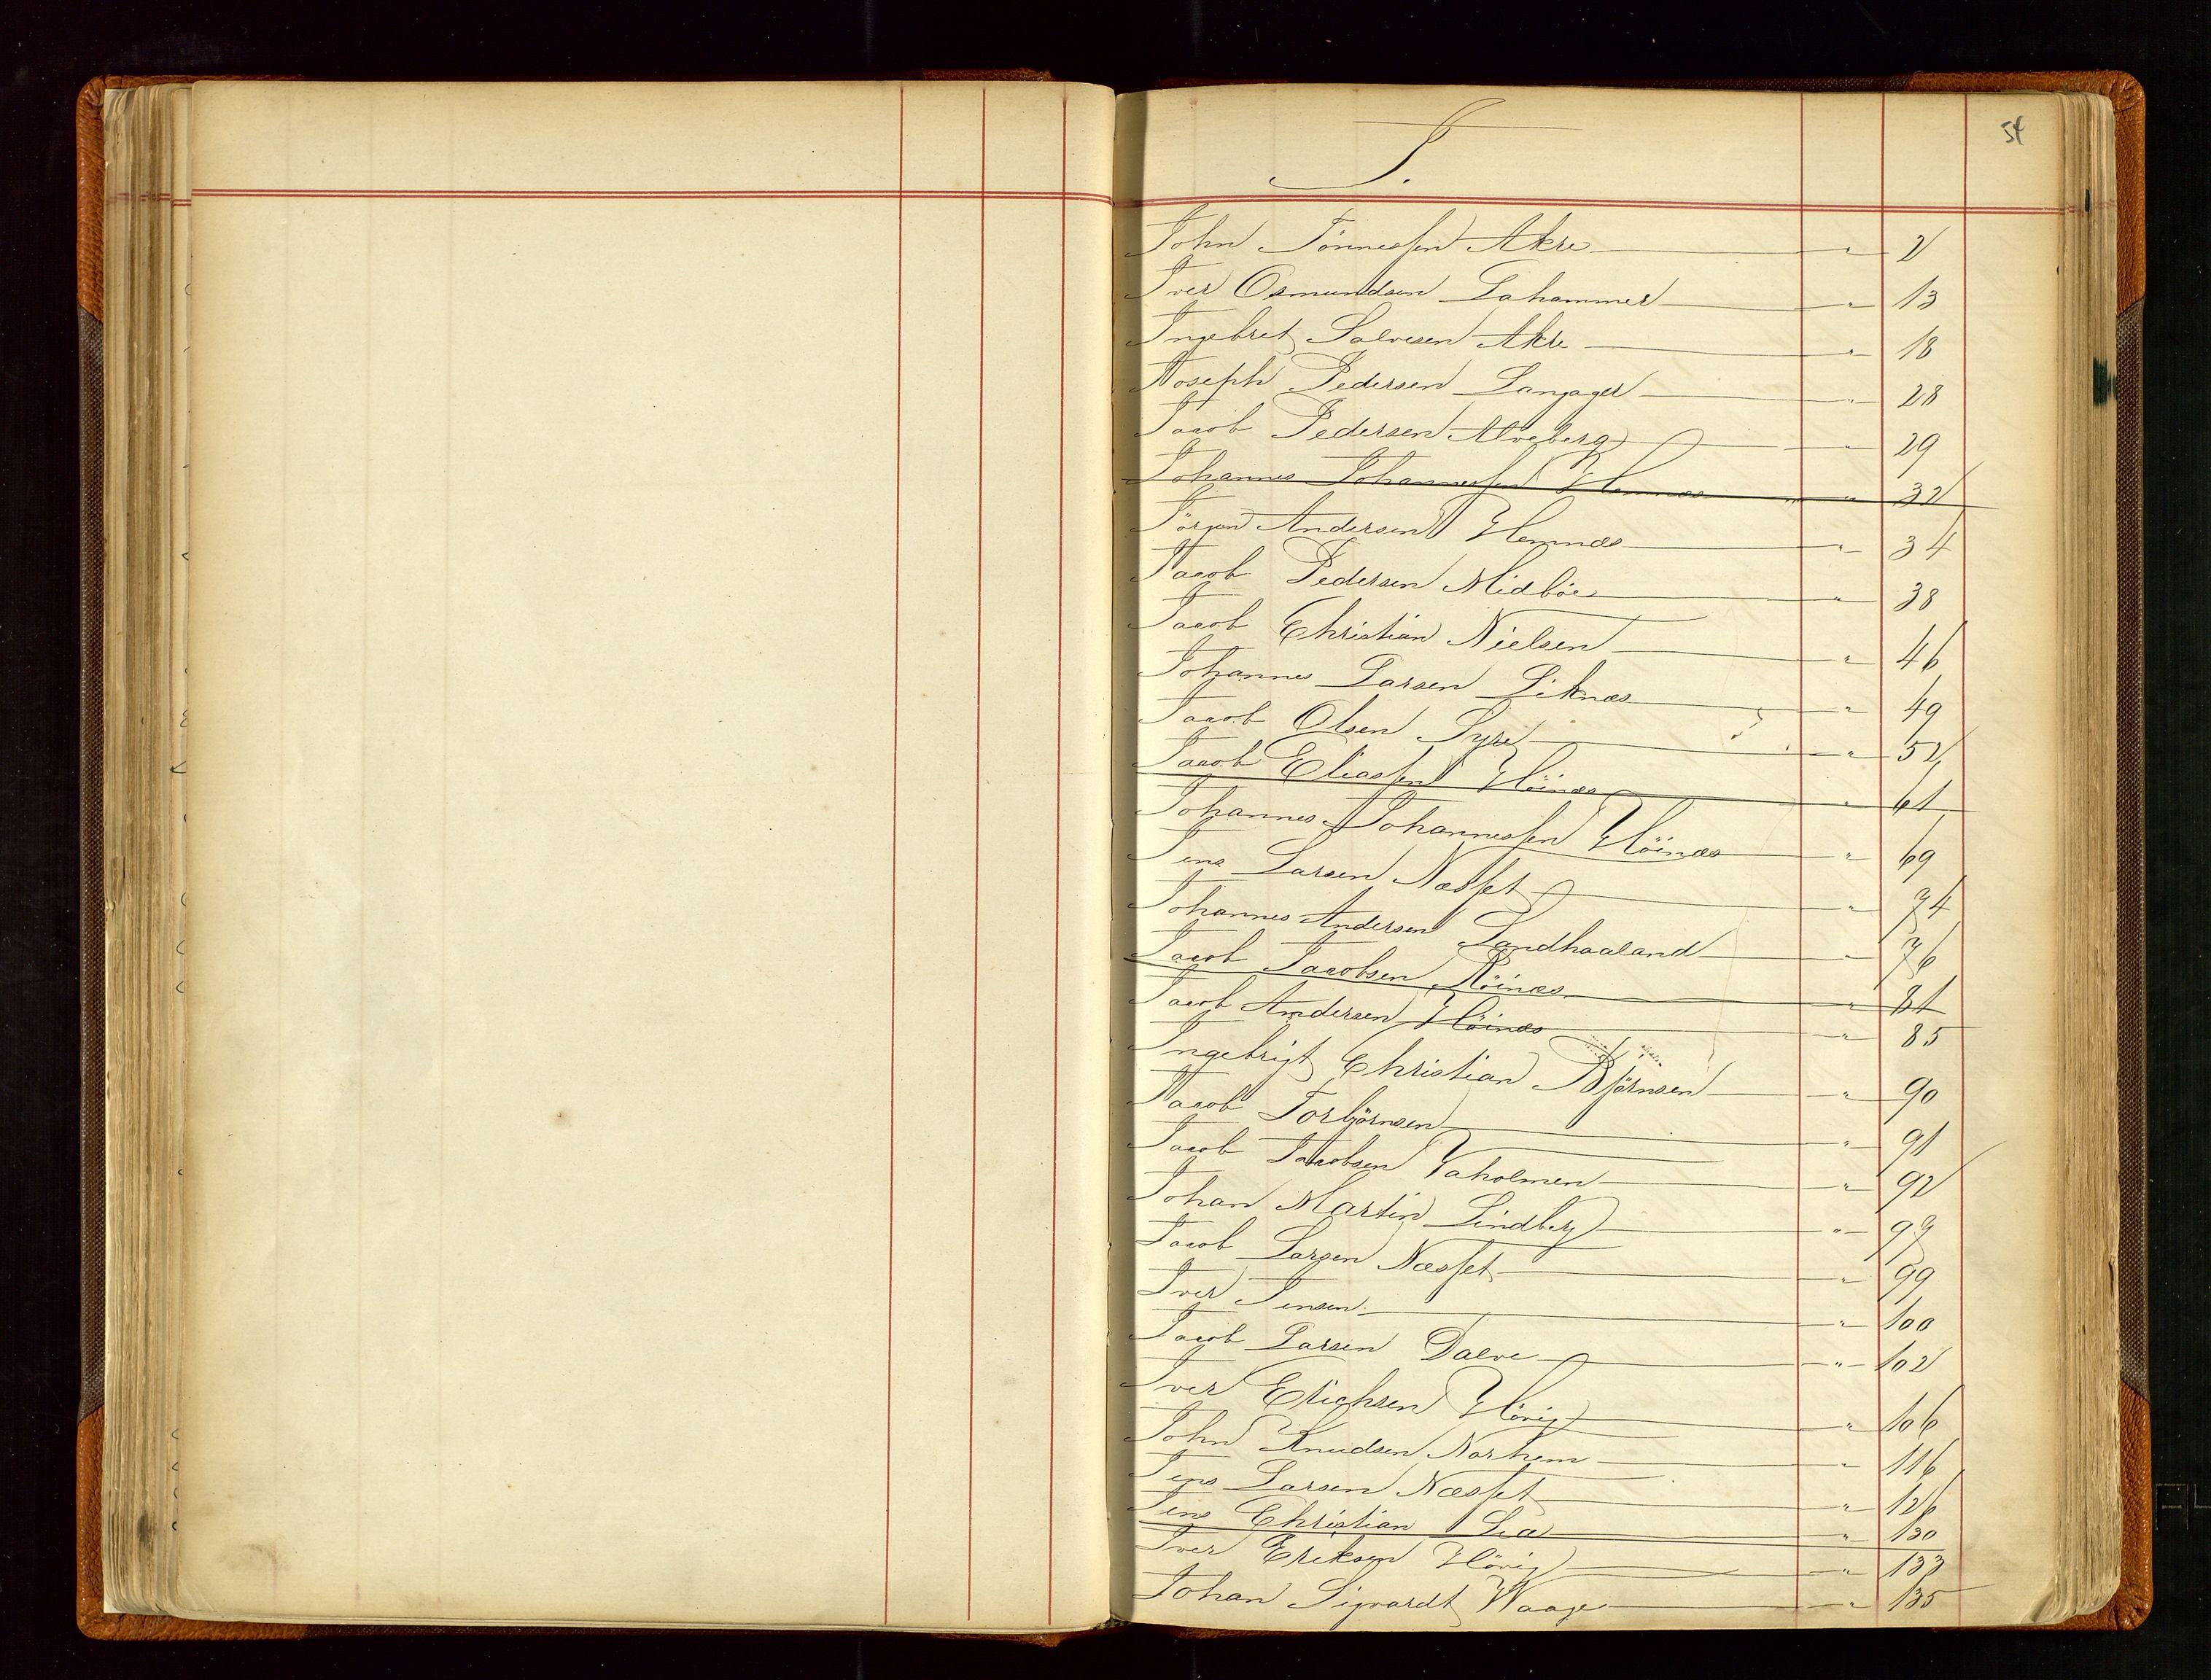 SAST, Haugesund sjømannskontor, F/Fb/Fba/L0001: Navneregister med henvisning til rullenr (Fornavn) Skudenes krets, 1860-1948, s. 54